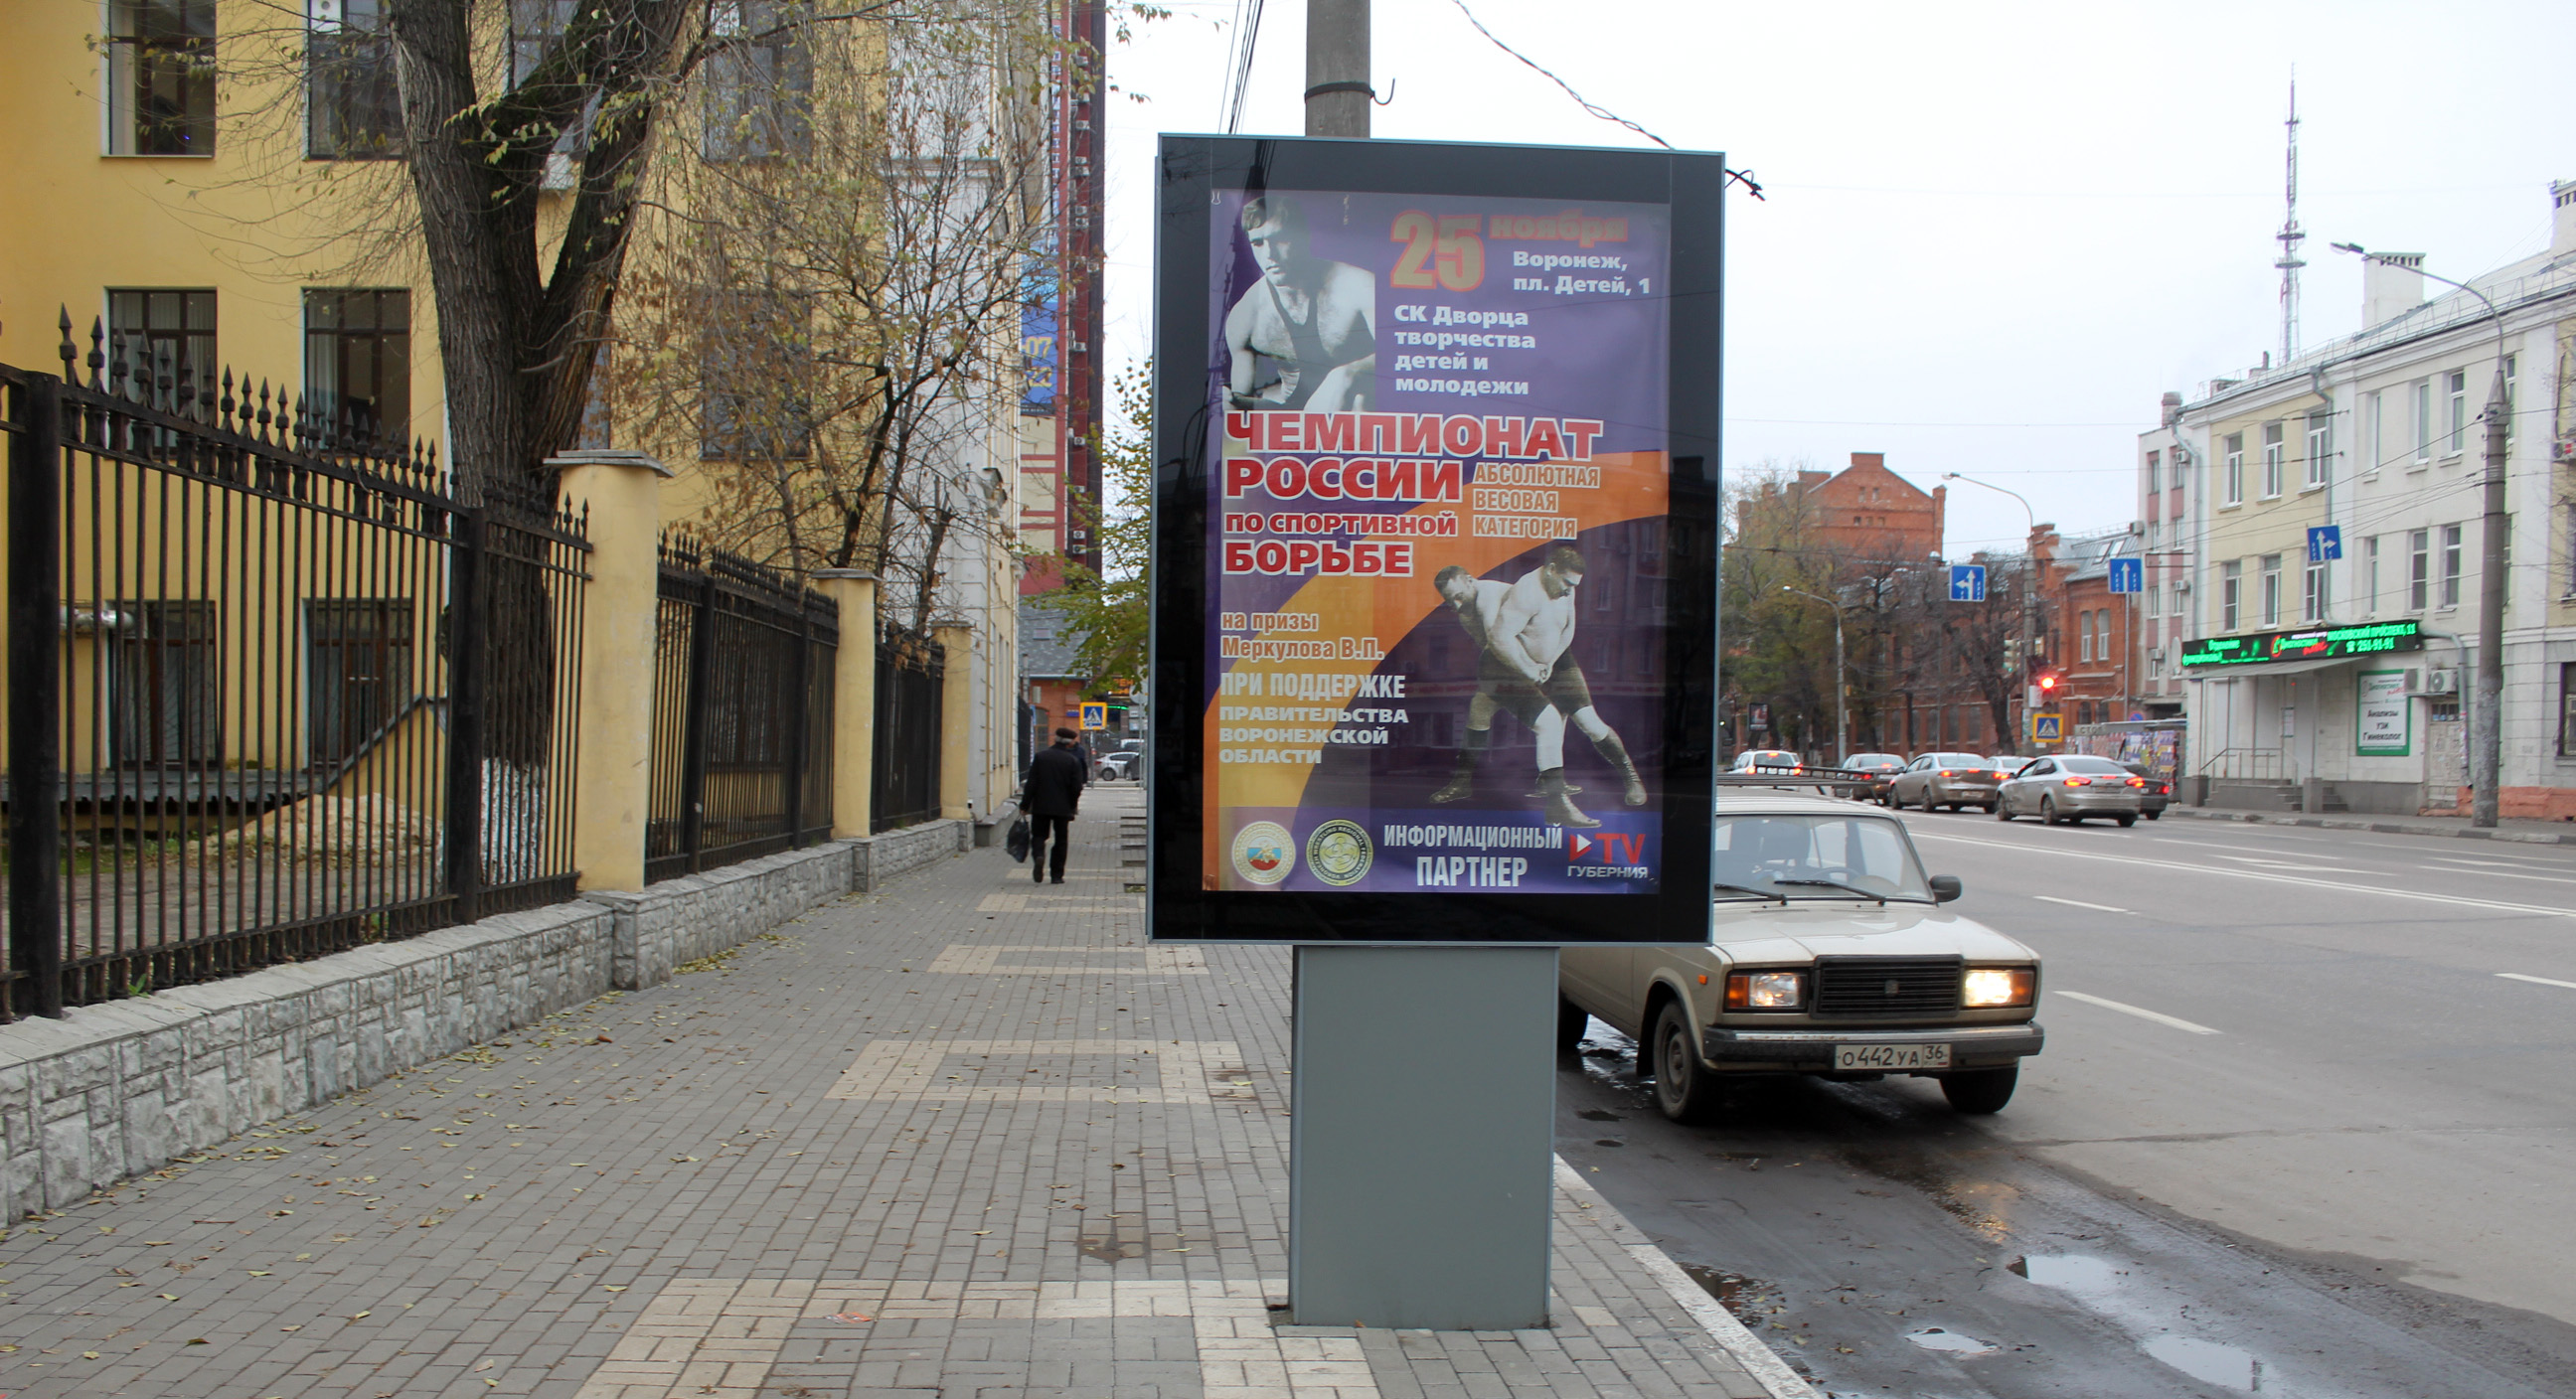 317В ул. Кольцовская - Студенческая д. 10.